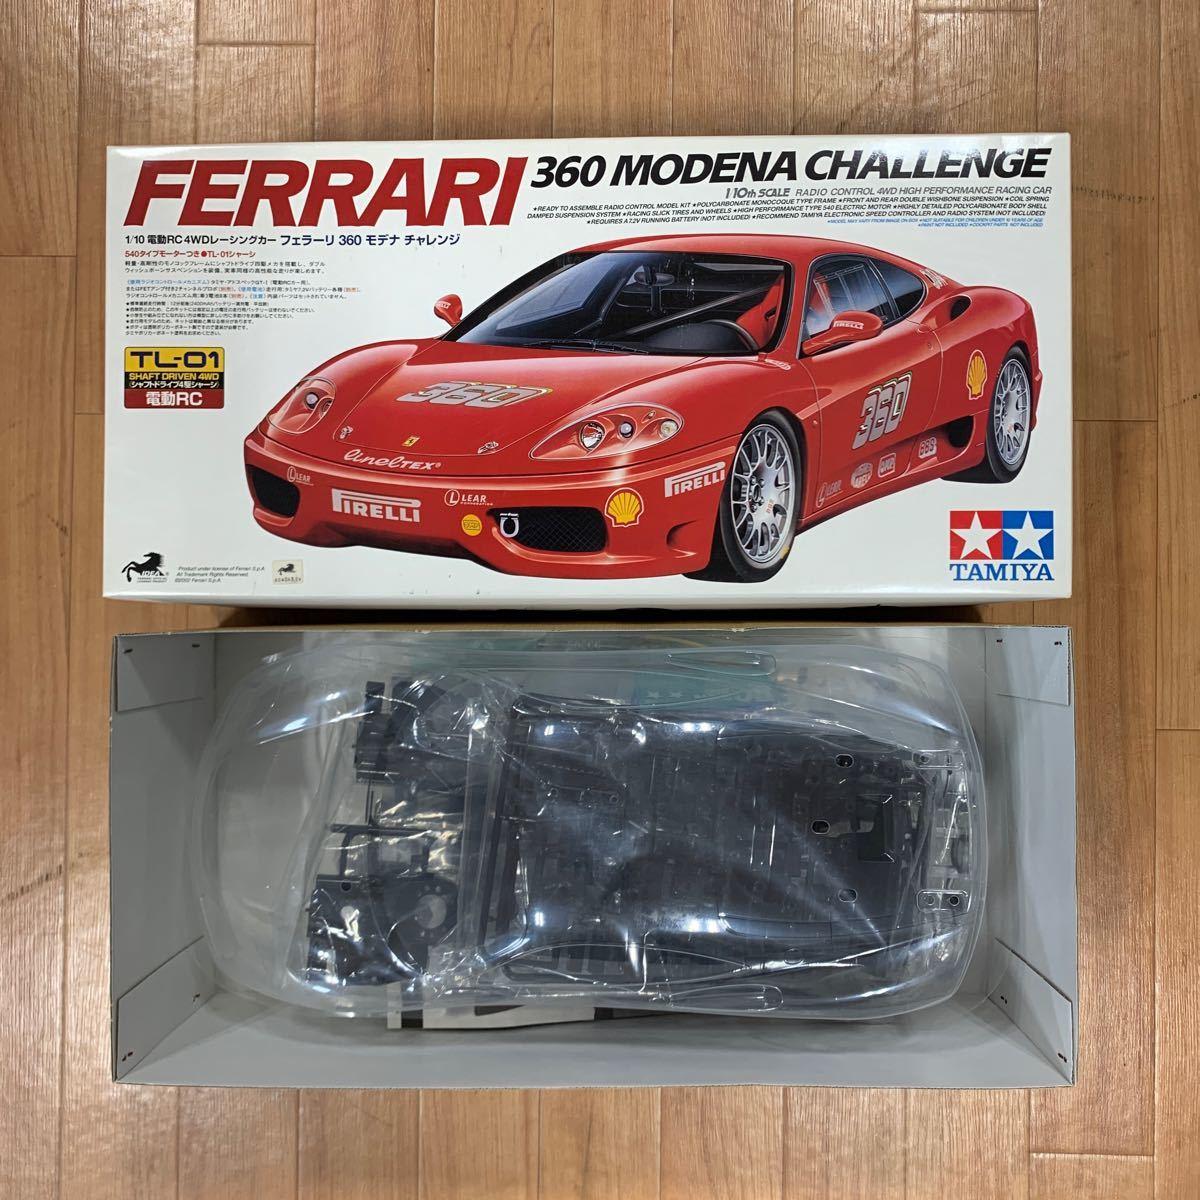 タミヤ TAMIYA 1/10 電動RCカー  フェラーリ 360 モデナ チャレンジ (TL-01) (TL-01シャーシ)